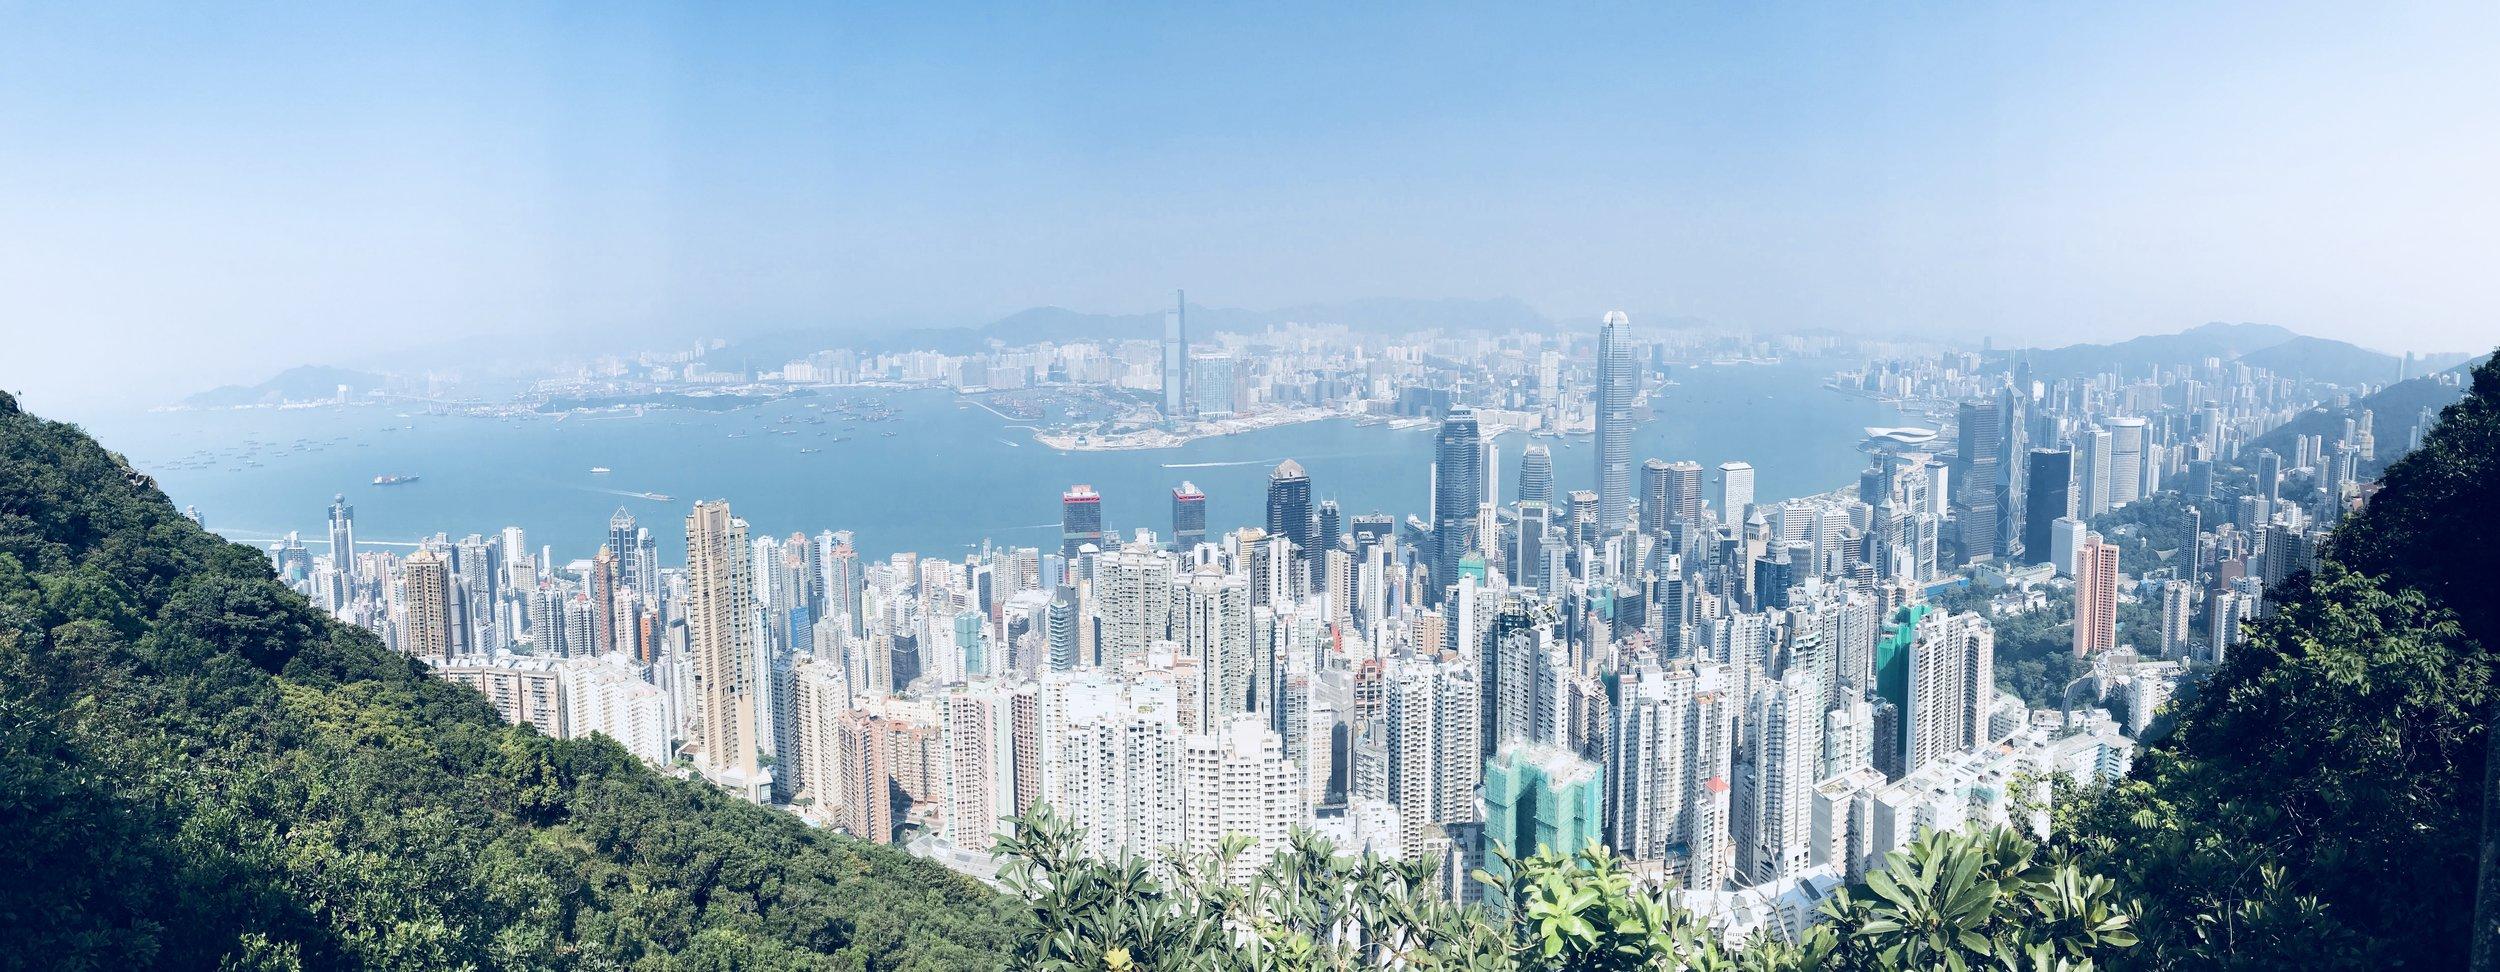 Kong Kong Peak